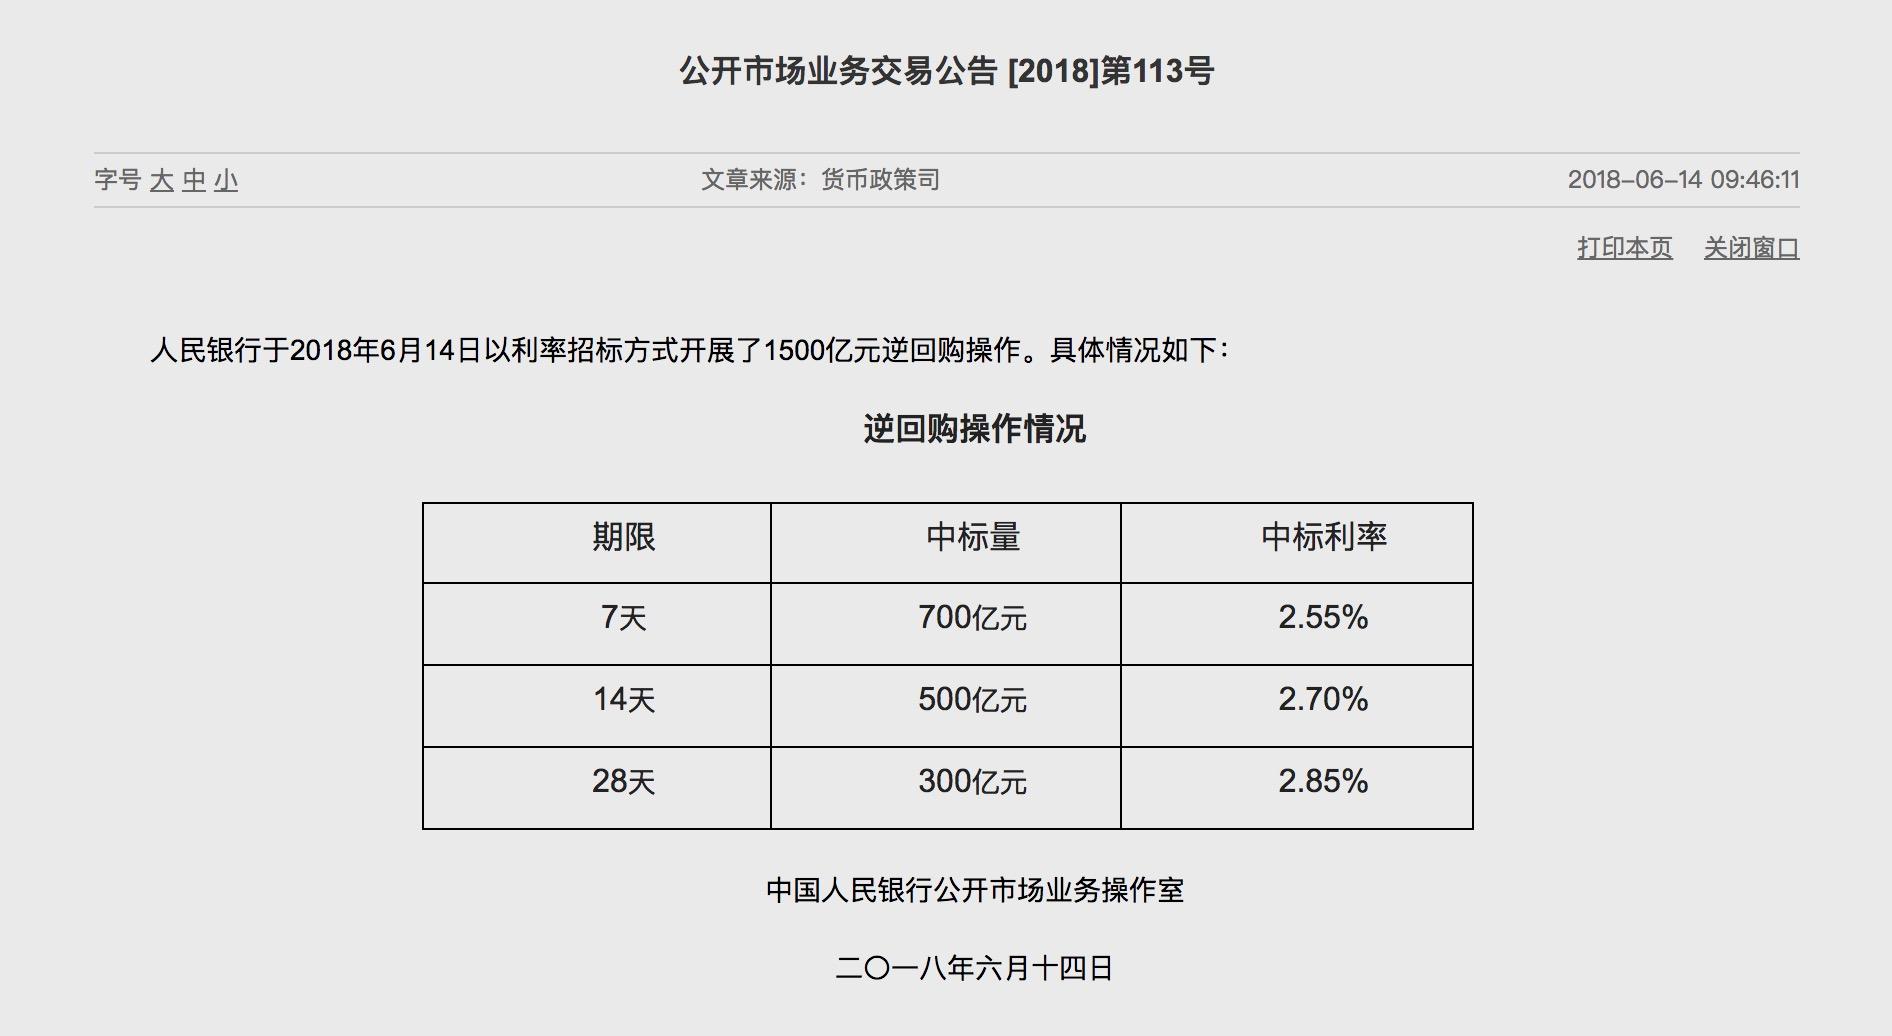 中国央行维持公开市场利率不变 美联储年内第二次加息-中国网地产